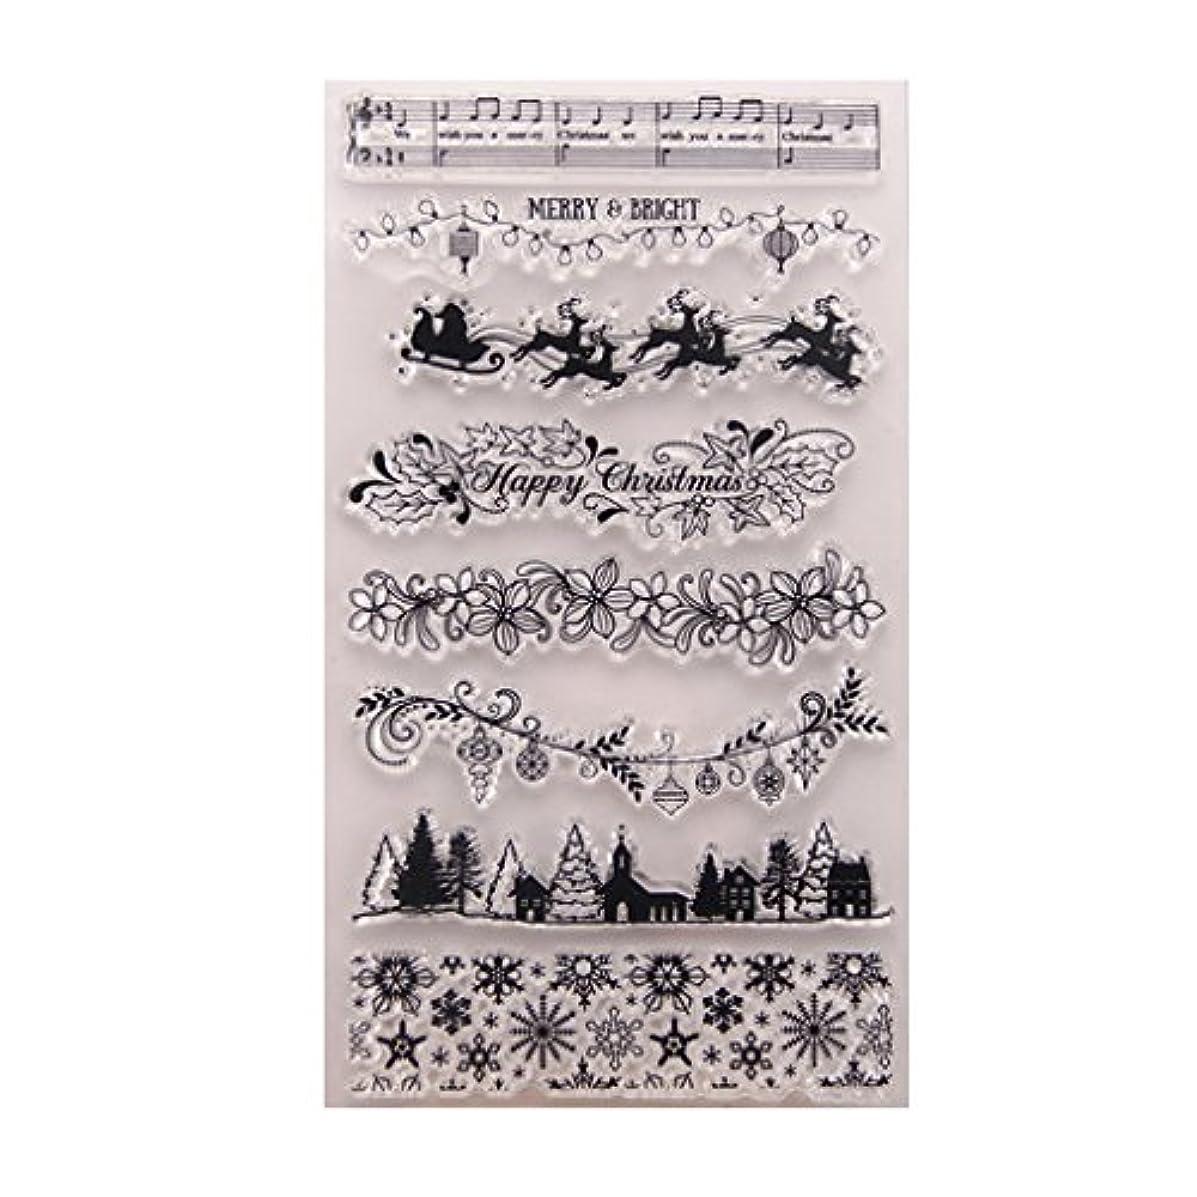 評決そこから財布Baoyouls クリスマスツリー透明クリエイティブバッジ画像ラバースタンプシールDIYアルバムクラフトスクラップブックデコレーション、カレンダー